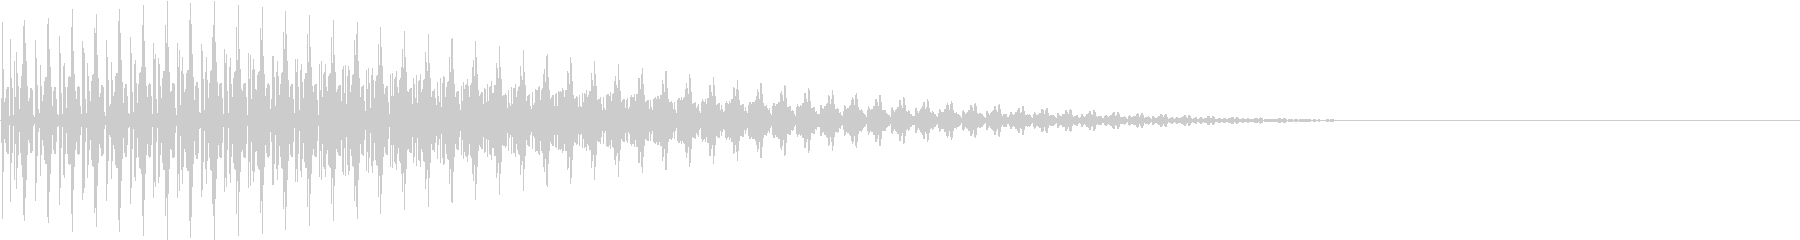 BOTAN テクノな決定ボタン 4の未再生の波形